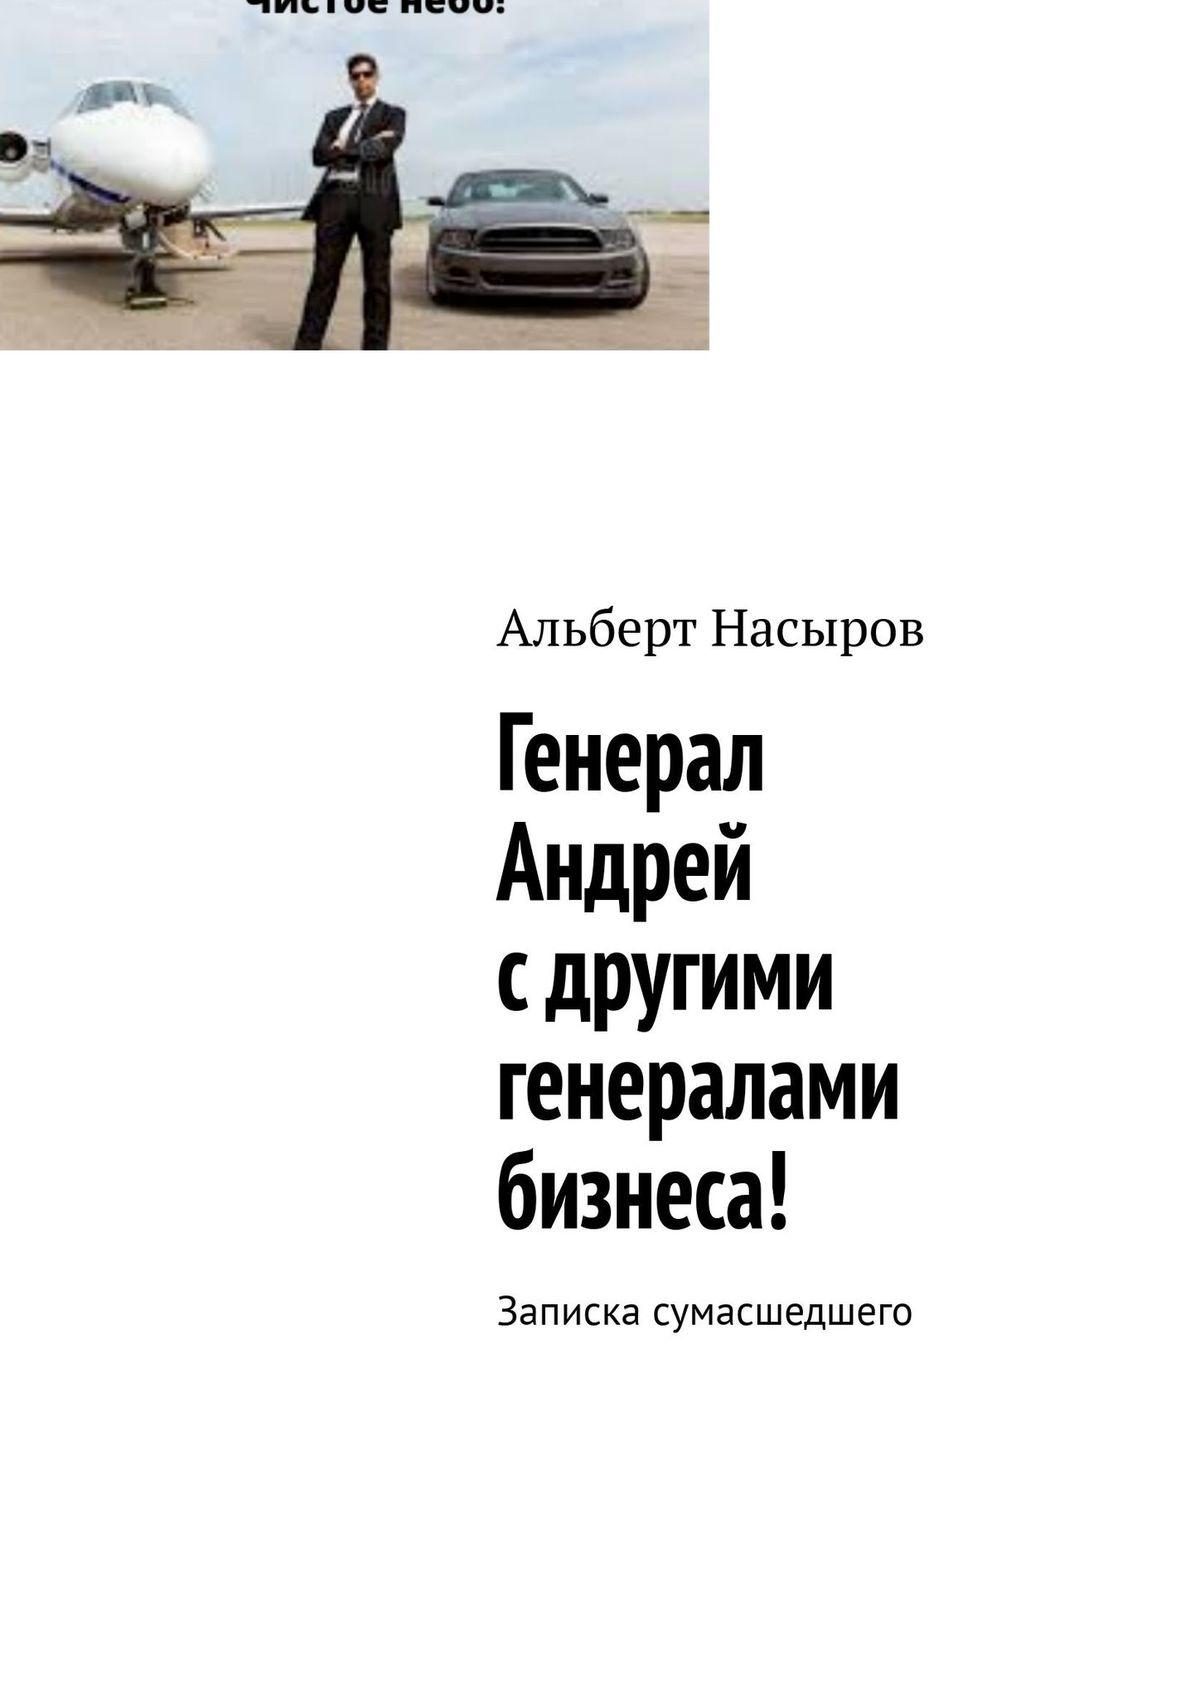 Генерал Андрей сдругими генералами